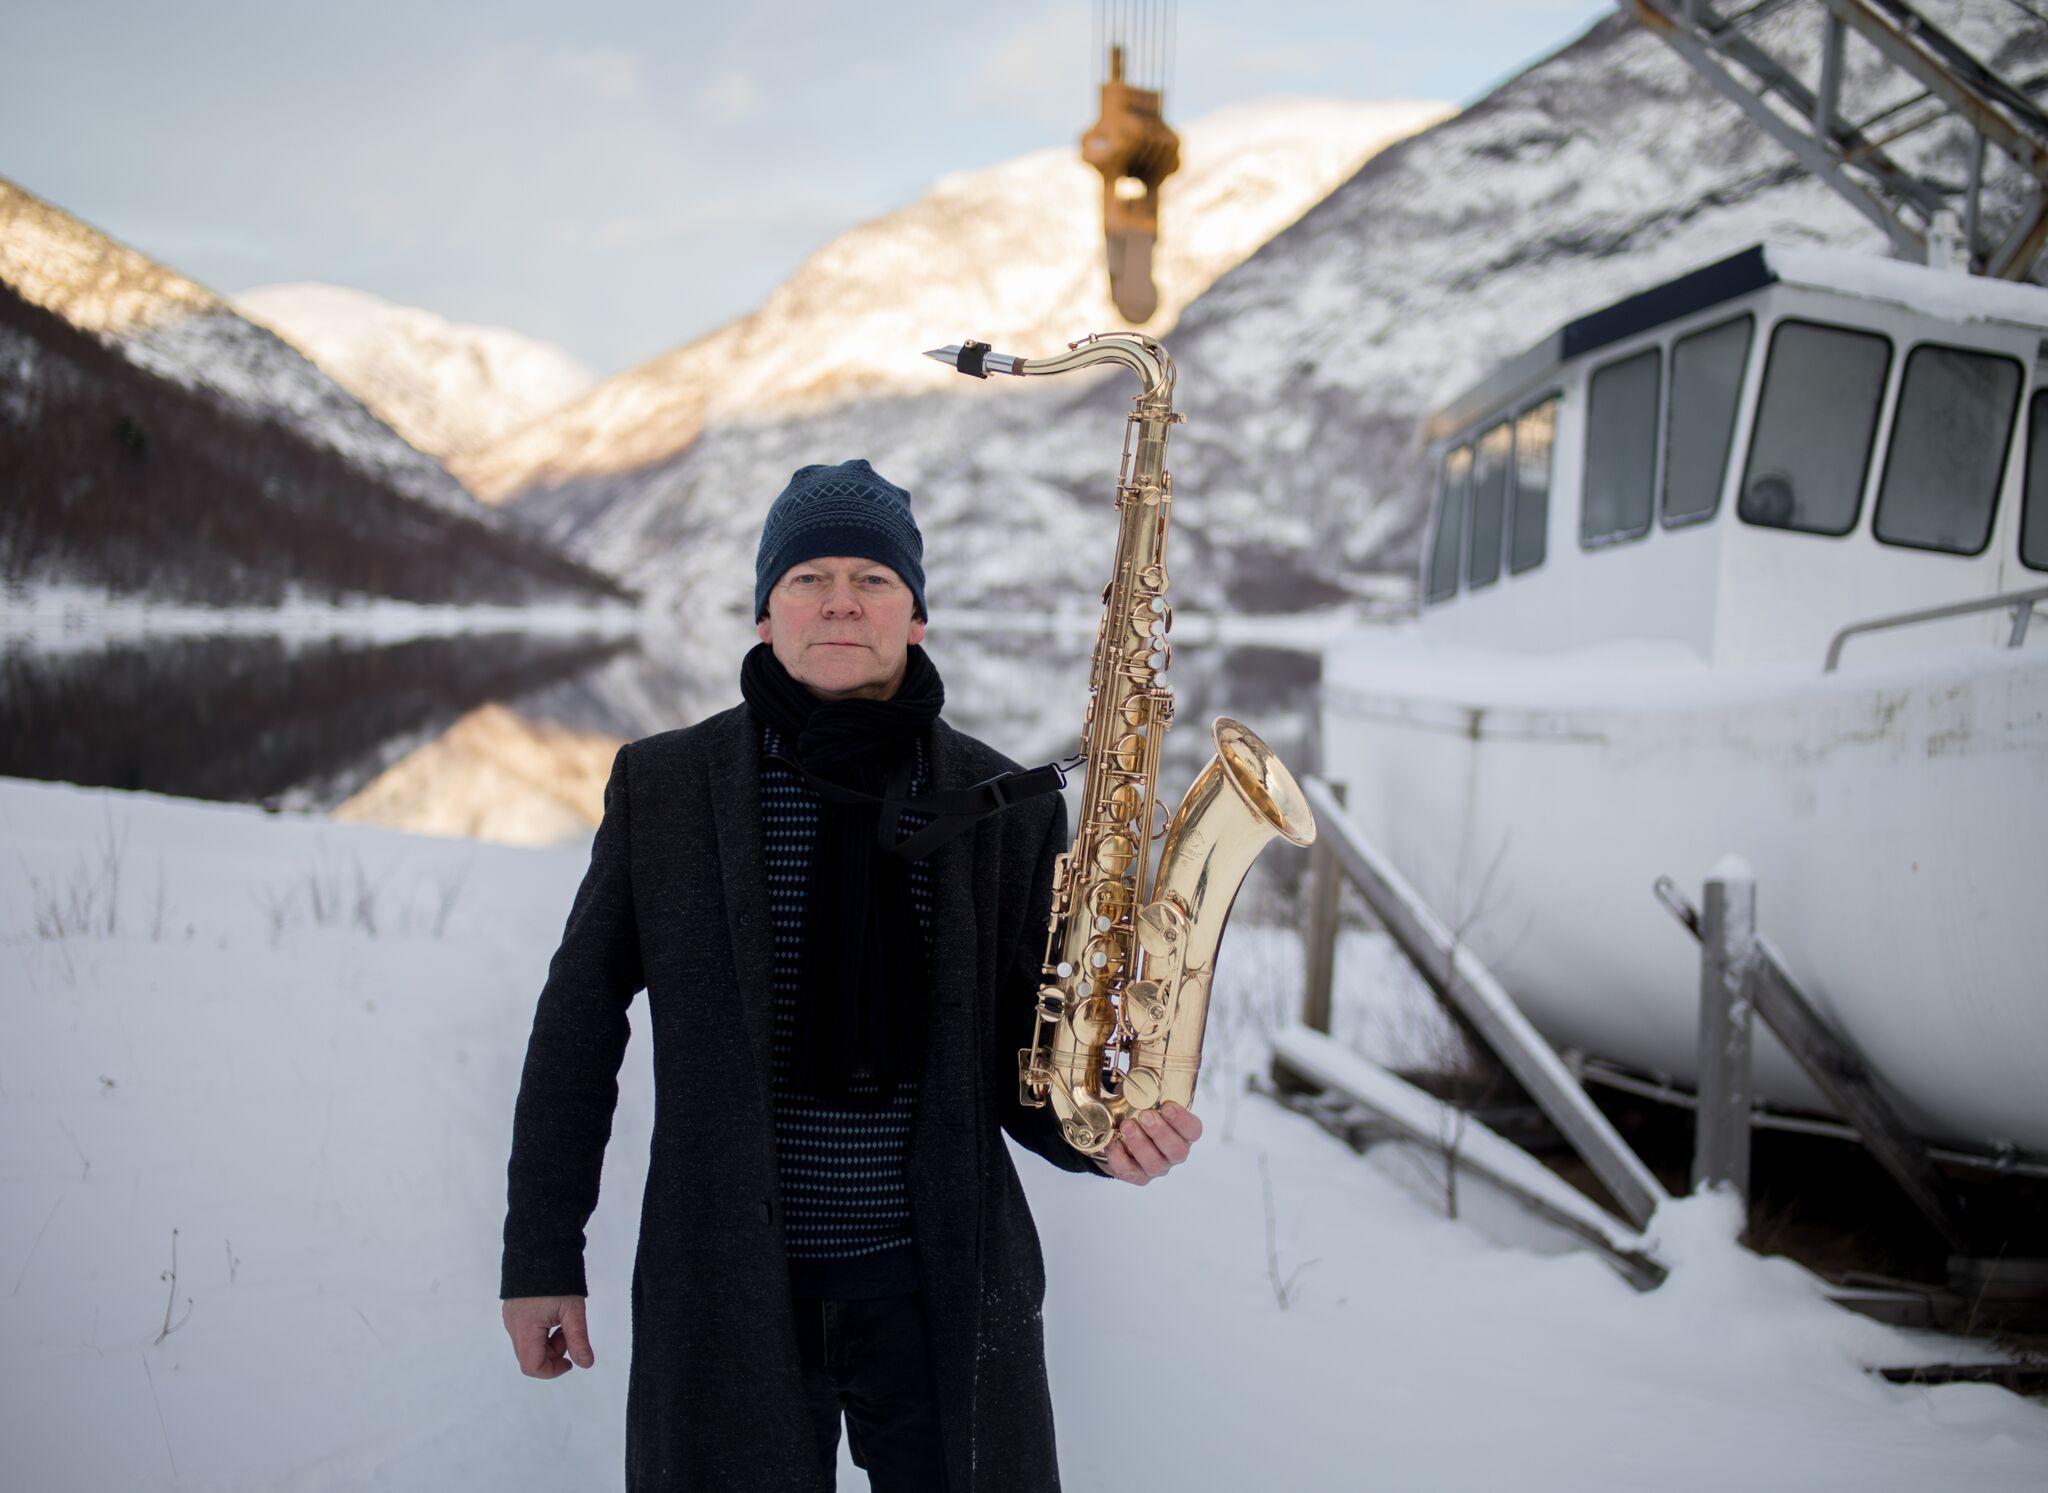 Karl Seglem kjem til Førde med heile NUNATAK-bandet sitt. Foto: Oddleiv Apneseth